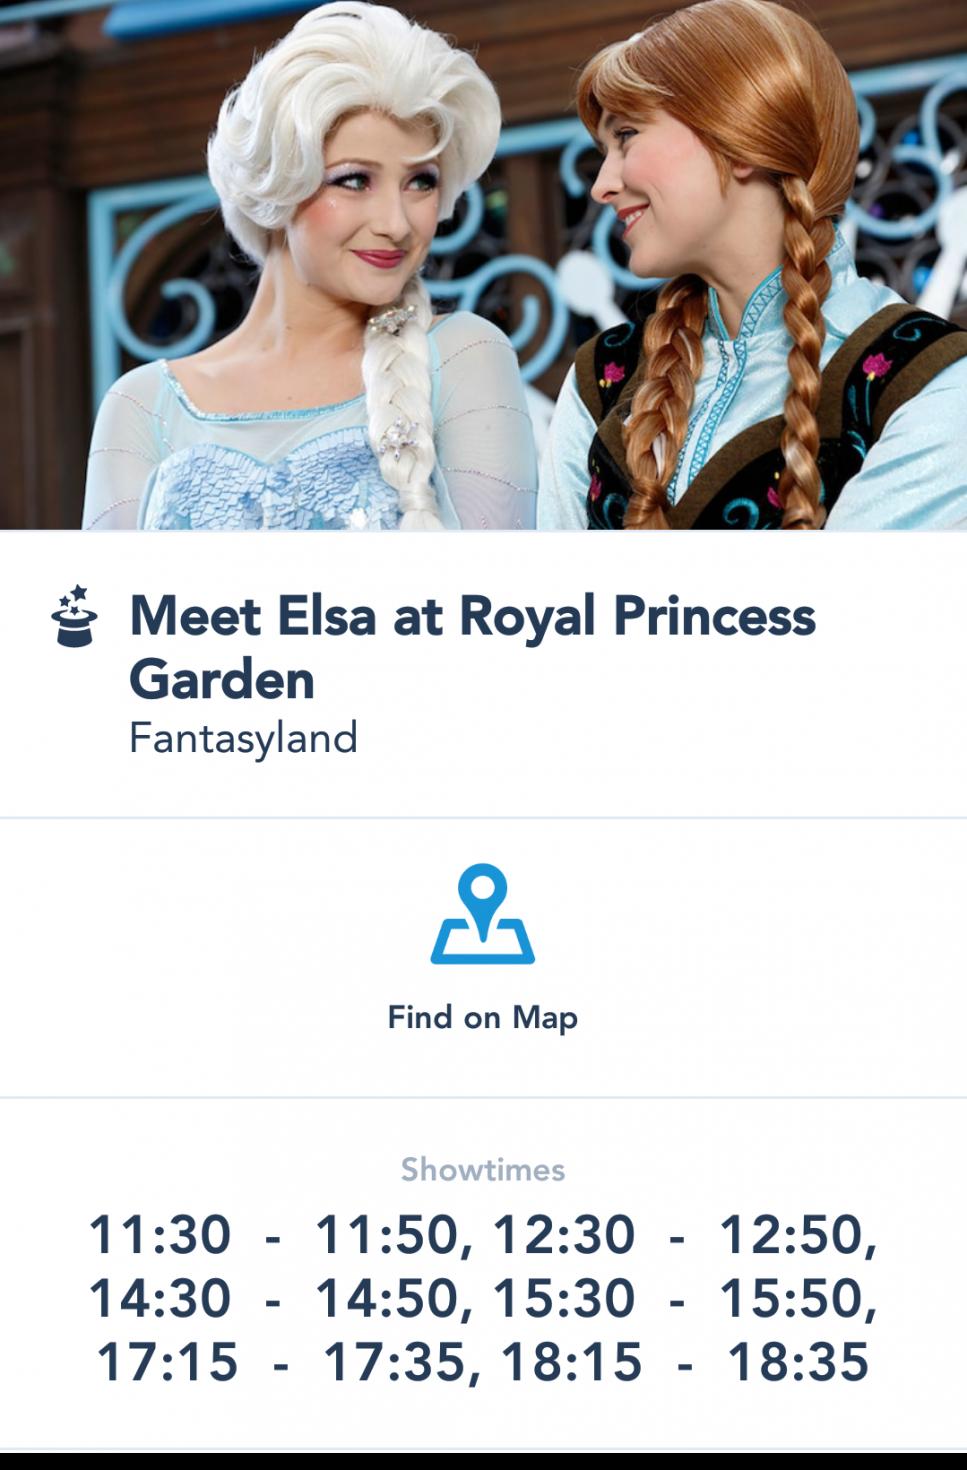 【公式アプリ】このように時間が書かれているプリンセスには会えます。この日はエルサが朝から出てますね😁